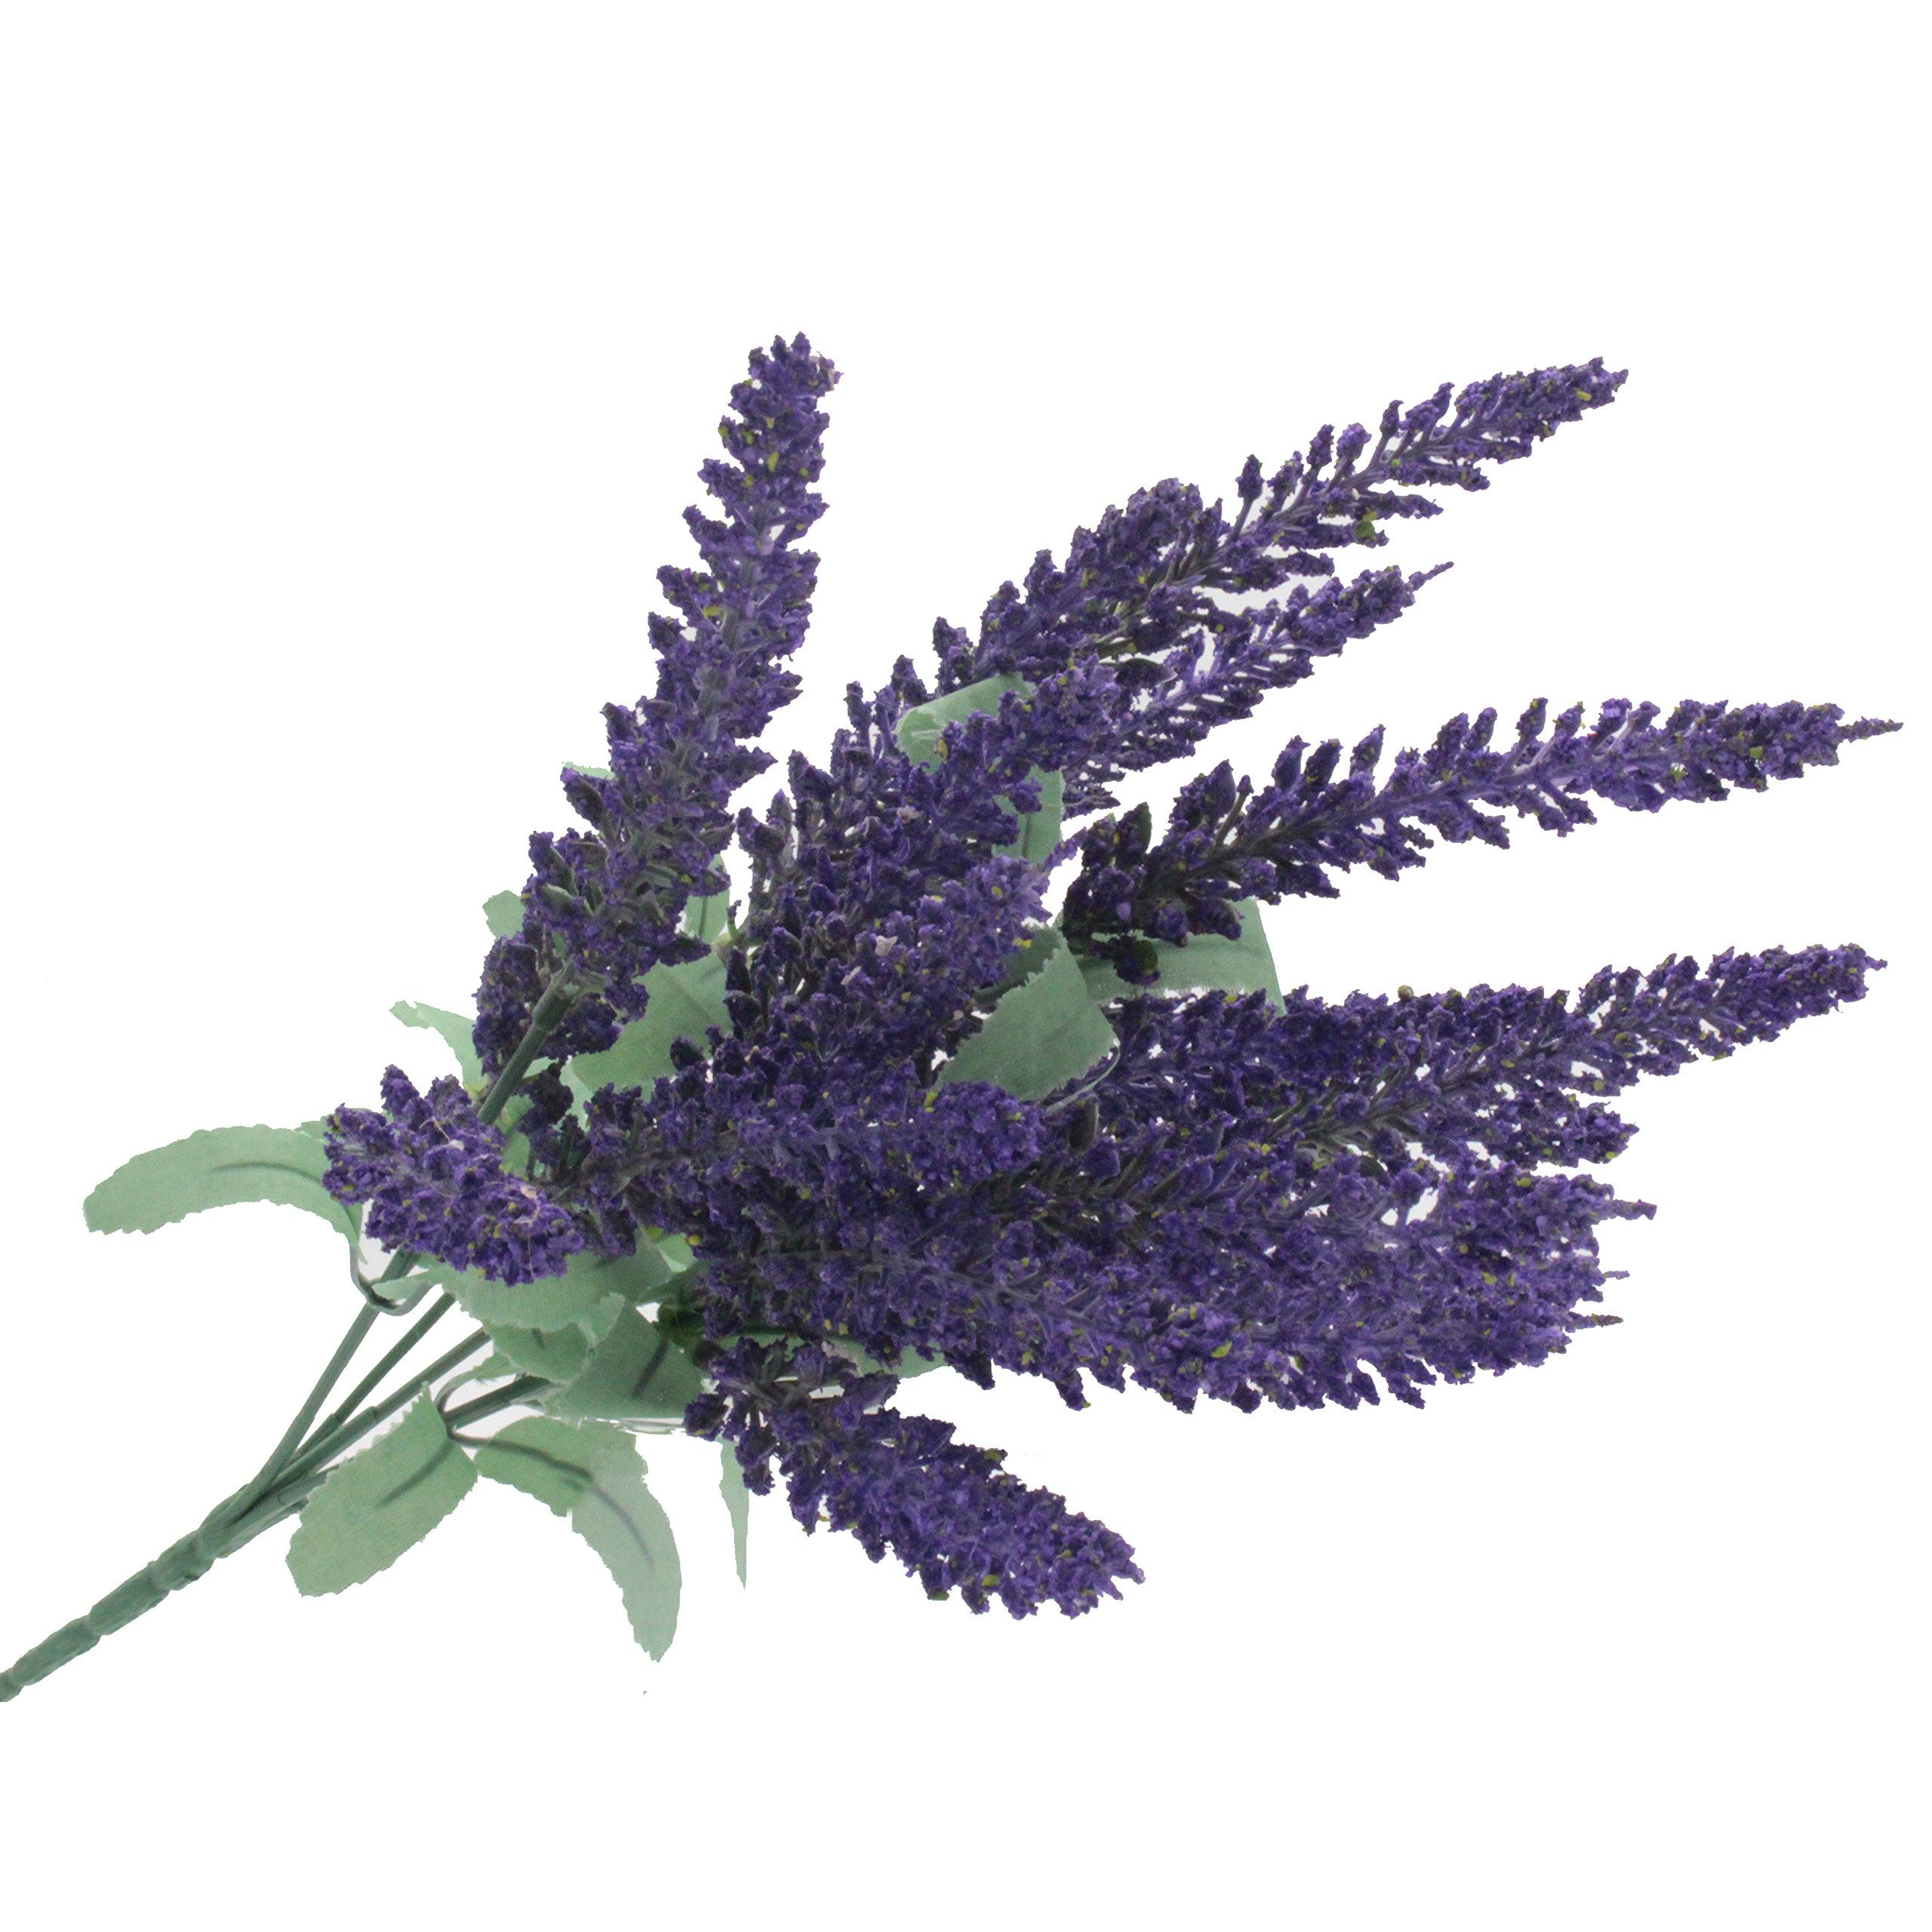 kmkaren Artificial Flowers Lavender Bouquet in Purple Artificial plant for Home Decor Wedding Garden Patio Decoration 6 Bundles